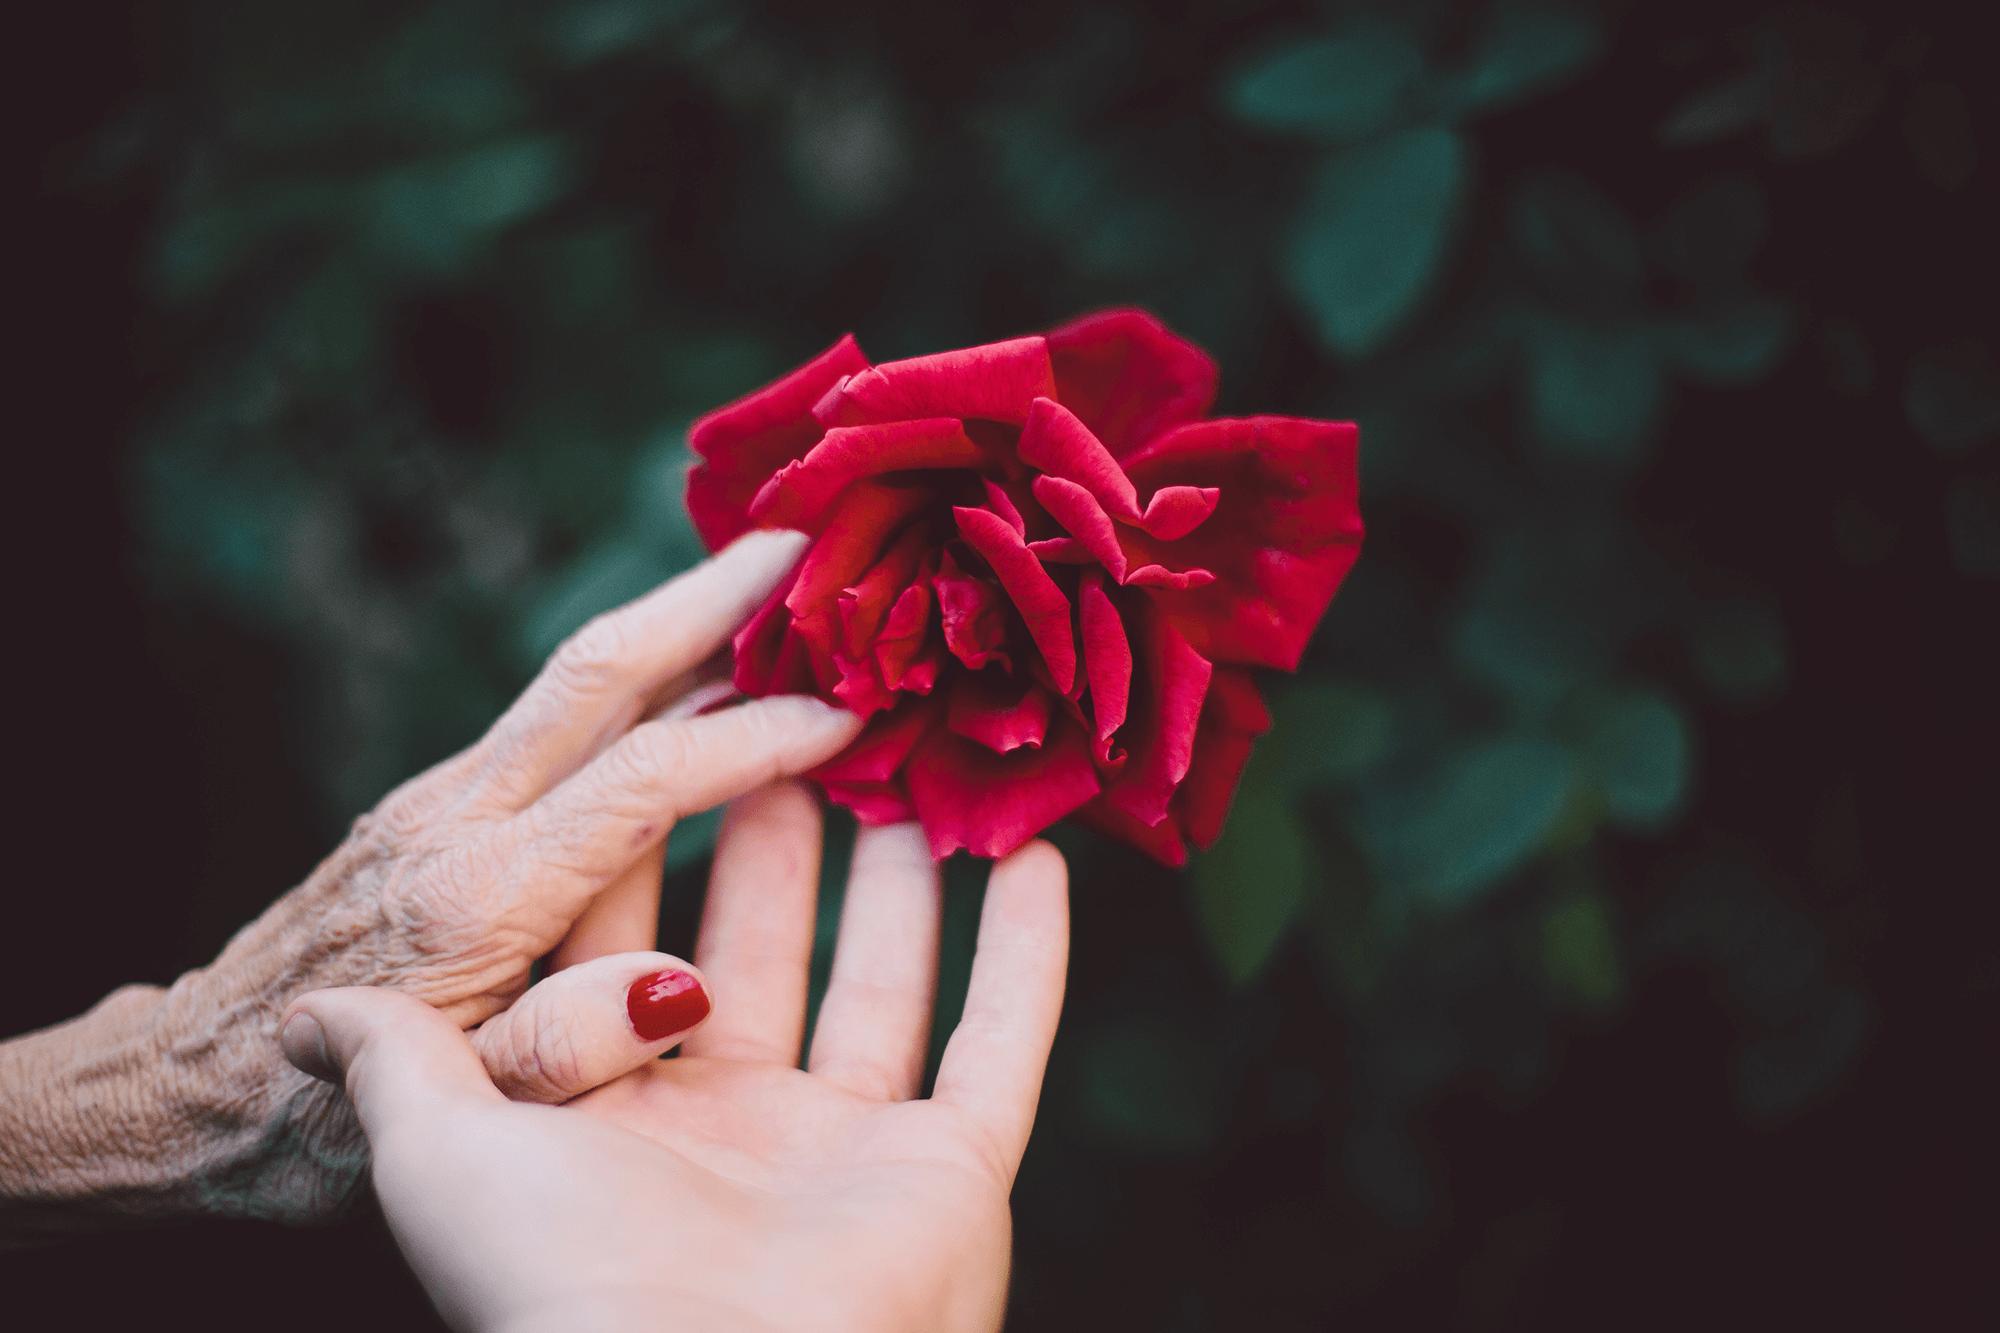 from fear to joyful aging